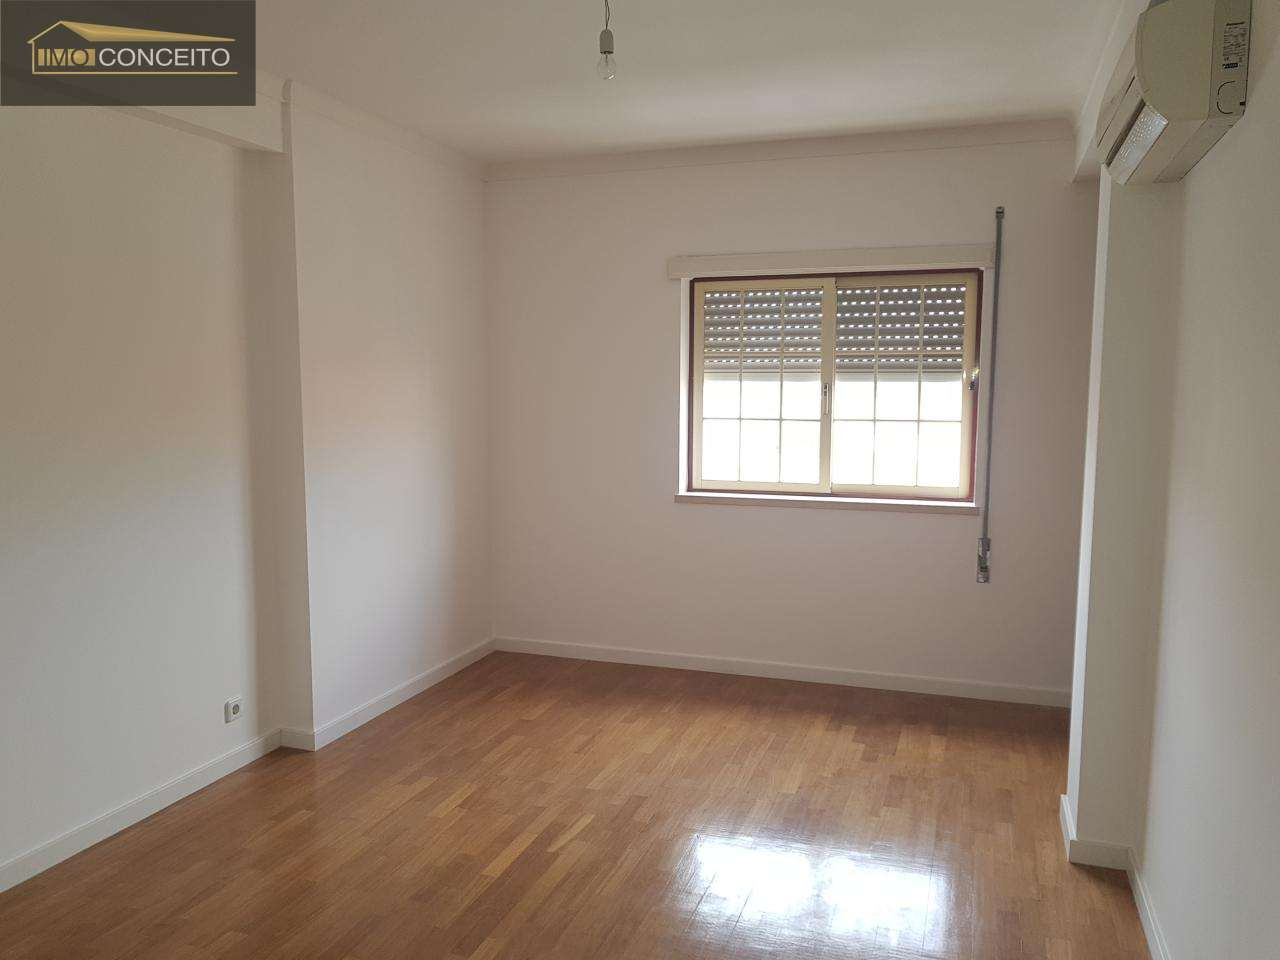 Apartamento para comprar, Nossa Senhora de Fátima, Entroncamento, Santarém - Foto 11